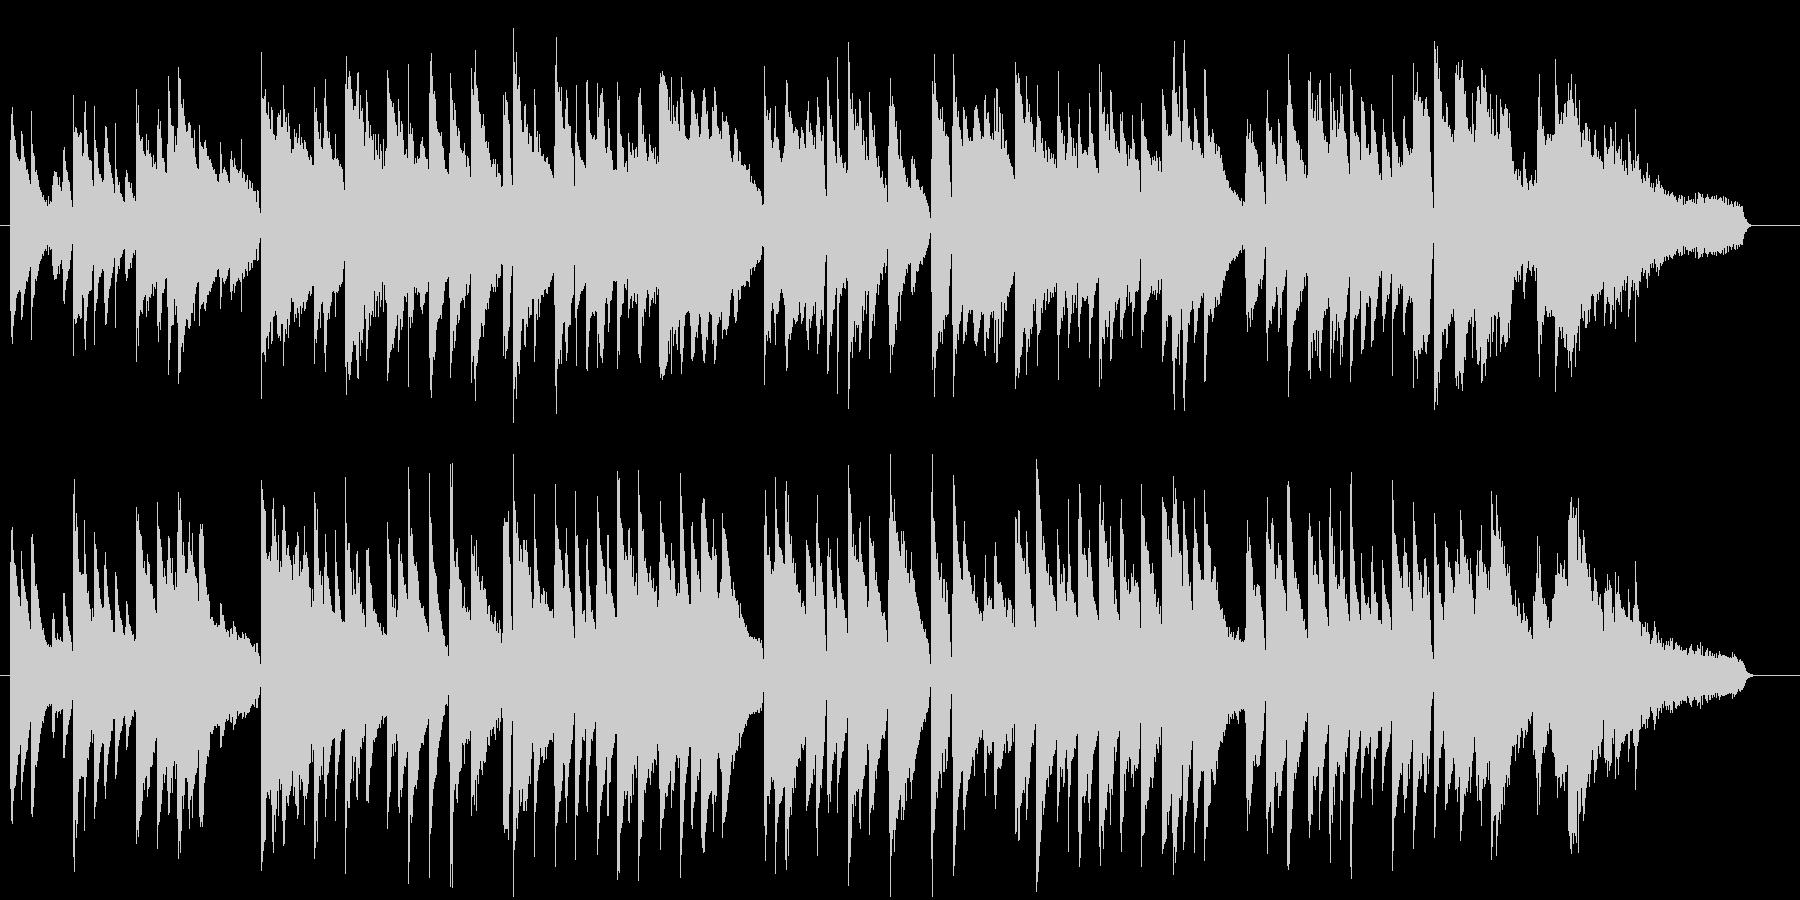 童謡赤とんぼ。ジャズピアノソロで。の未再生の波形